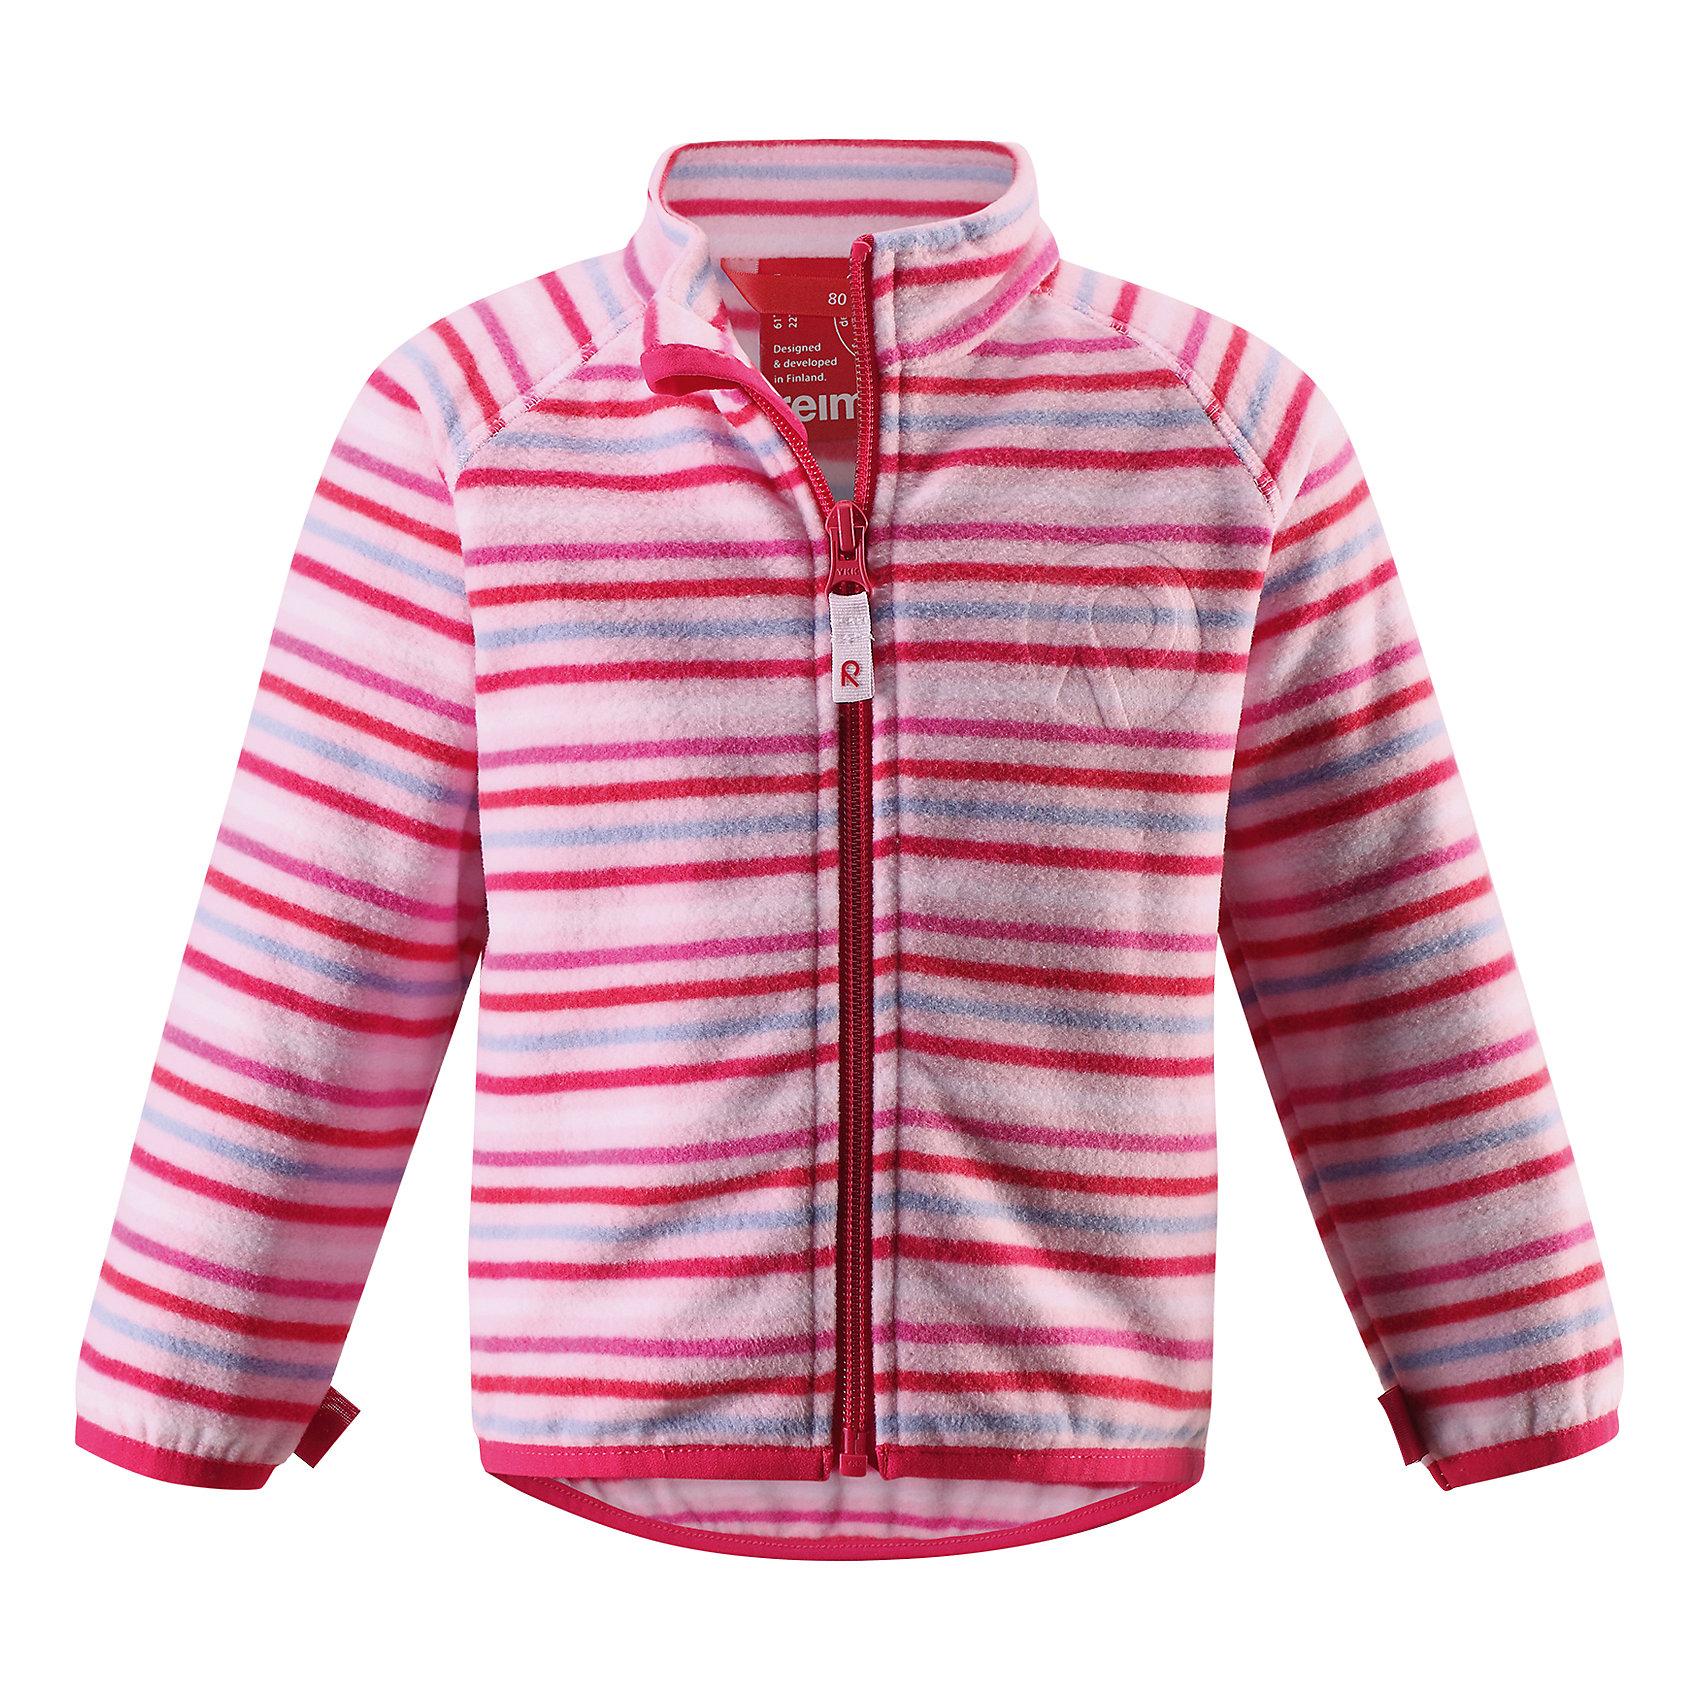 Куртка Nuoto для девочки флисовая ReimaФлис и термобелье<br>Характеристики товара:<br><br>• цвет: розовый<br>• состав: 100% полиэстер, флис<br>• тёплый, лёгкий и быстросохнущий полярный флис<br>• пристёгивается к верхней одежде Reima с помощью системы кнопок Play Layers<br>• эластичные манжеты и подол<br>• молния во всю длину со вставкой для защиты подбородка<br>• модель с горячим тиснением<br>• комфортная посадка<br>• страна производства: Китай<br>• страна бренда: Финляндия<br>• коллекция: весна-лето 2017<br><br>Одежда для детей может быть модной и комфортной одновременно! Удобная курточка поможет обеспечить ребенку комфорт и тепло. Изделие сшито из флиса - мягкого и теплого материала, приятного на ощупь. Модель стильно смотрится, отлично сочетается с различным низом. Стильный дизайн разрабатывался специально для детей.<br><br>Одежда и обувь от финского бренда Reima пользуется популярностью во многих странах. Эти изделия стильные, качественные и удобные. Для производства продукции используются только безопасные, проверенные материалы и фурнитура. Порадуйте ребенка модными и красивыми вещами от Reima! <br><br>Куртку флисовую для мальчика от финского бренда Reima (Рейма) можно купить в нашем интернет-магазине.<br><br>Ширина мм: 356<br>Глубина мм: 10<br>Высота мм: 245<br>Вес г: 519<br>Цвет: розовый<br>Возраст от месяцев: 24<br>Возраст до месяцев: 36<br>Пол: Женский<br>Возраст: Детский<br>Размер: 98,74,80,86,92<br>SKU: 5271283